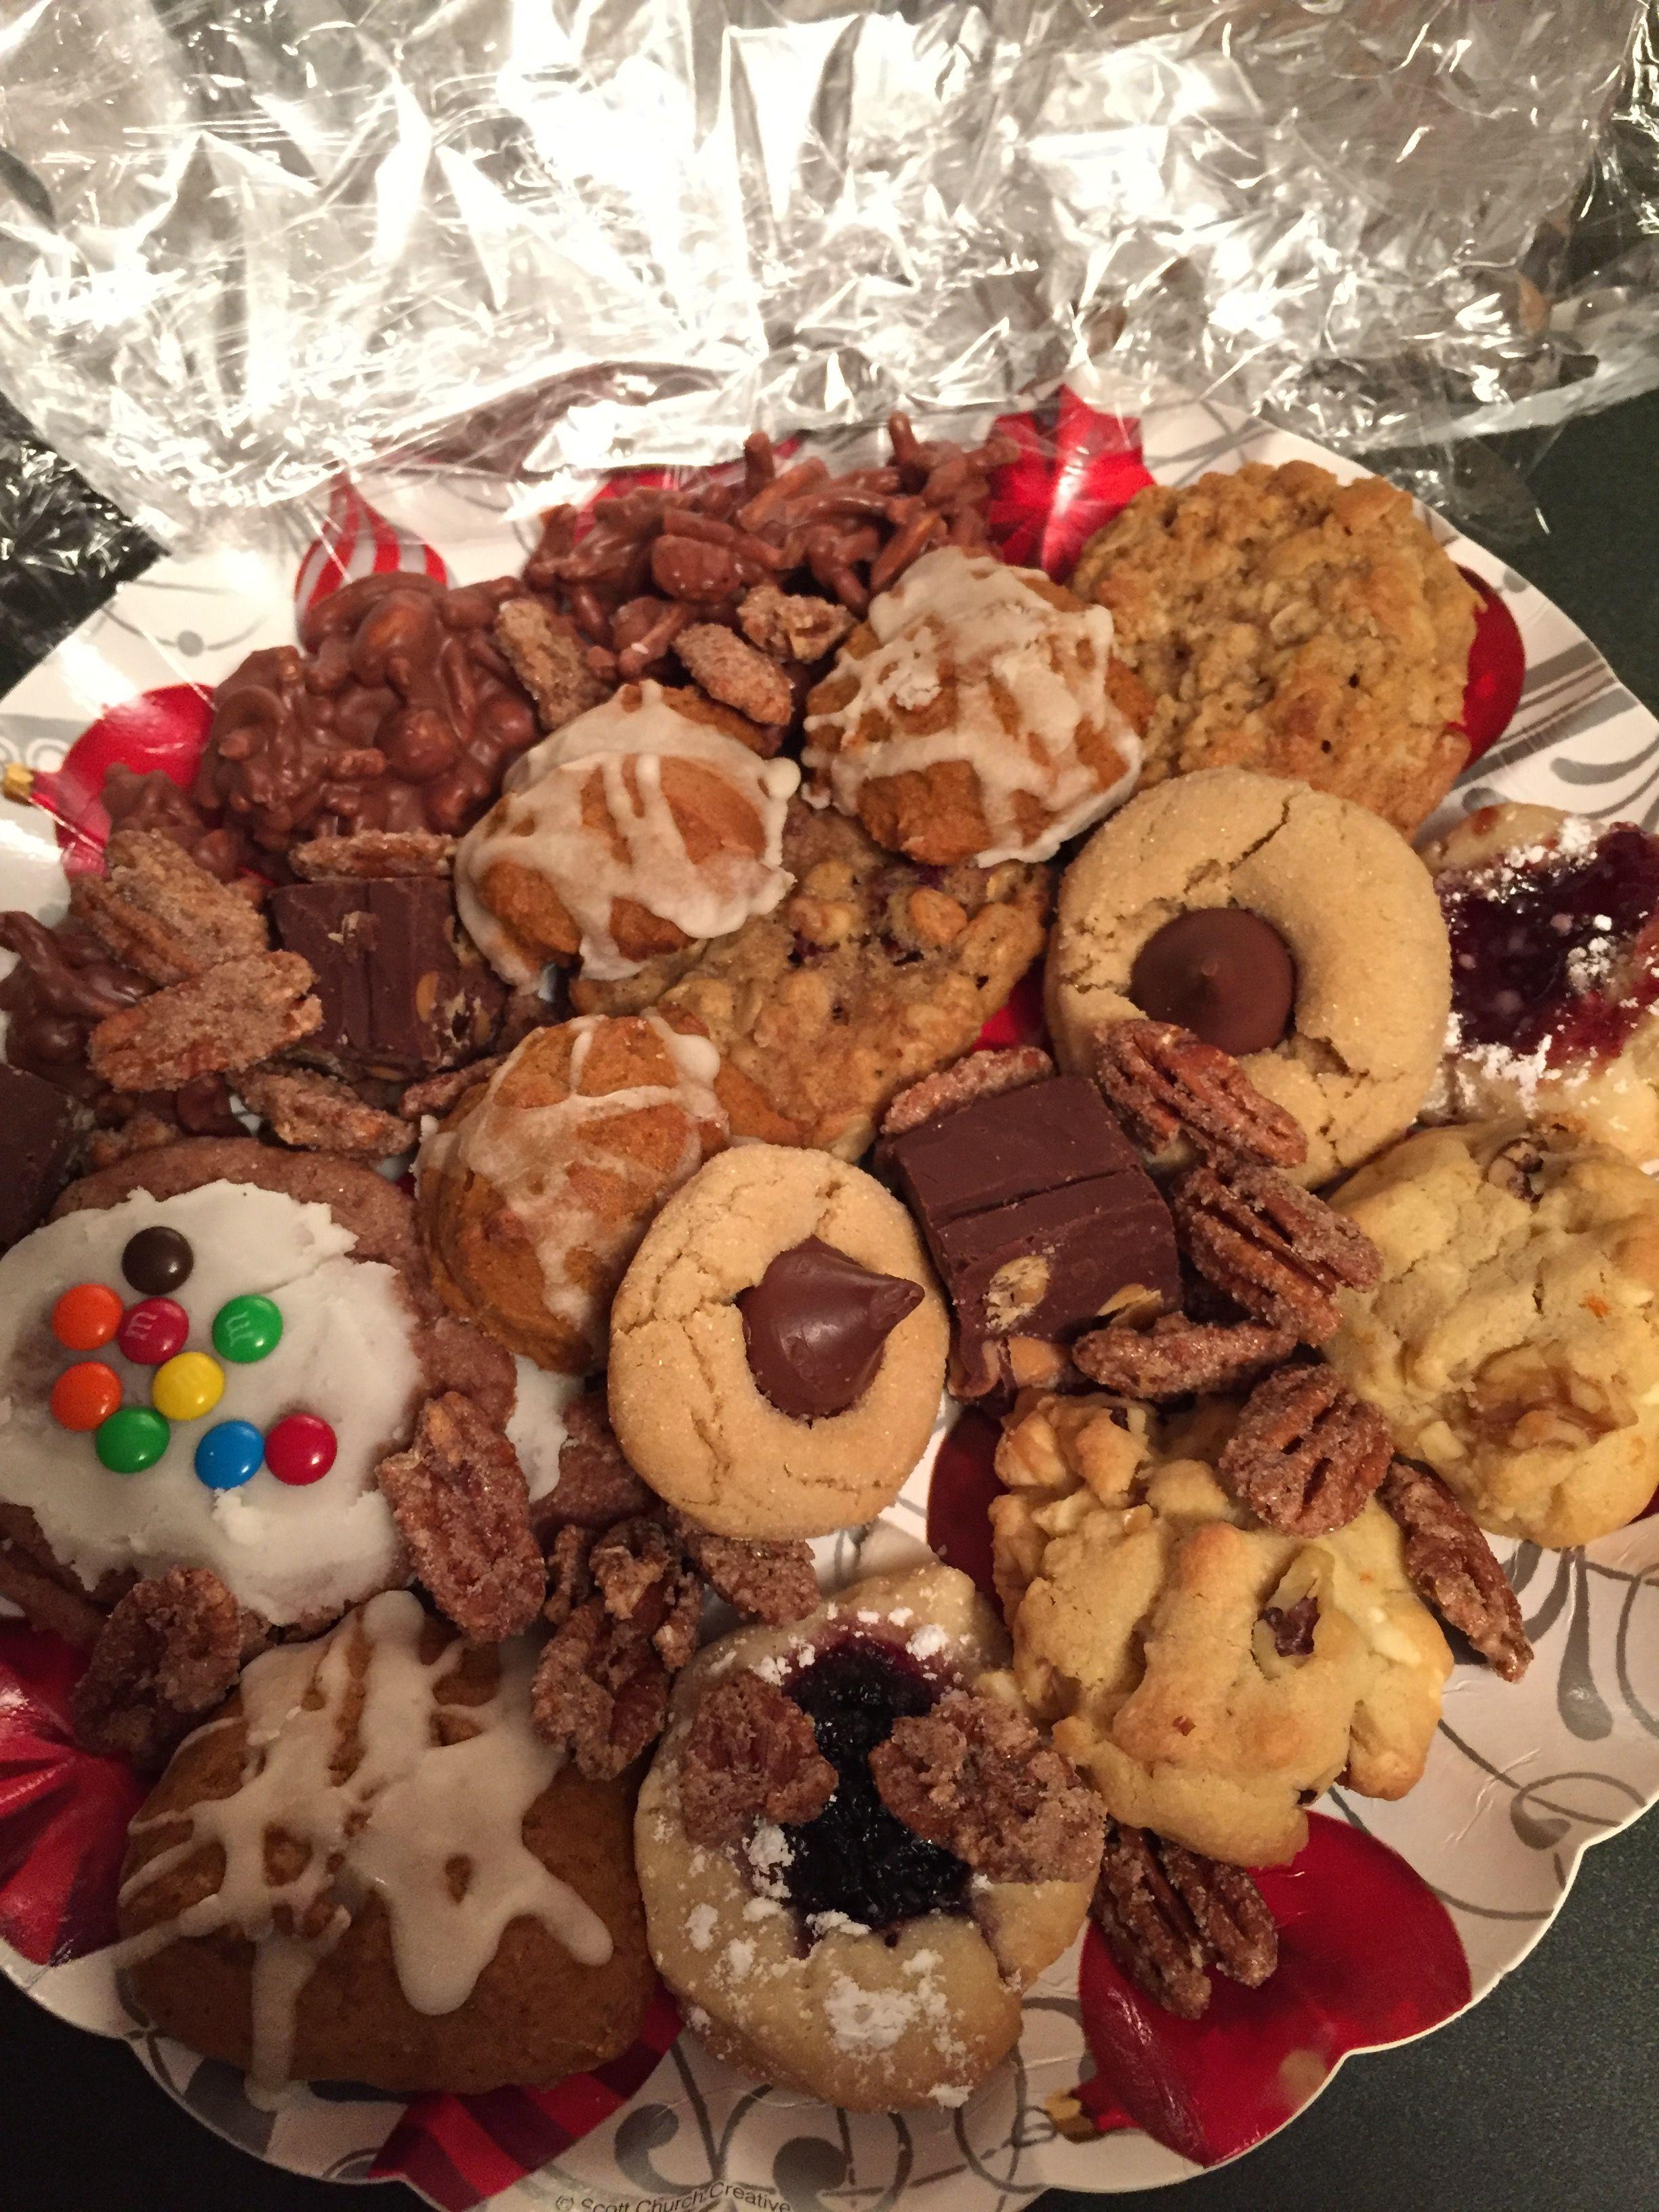 Homemade Christmas Cookies Food Homemade Christmas Cookies